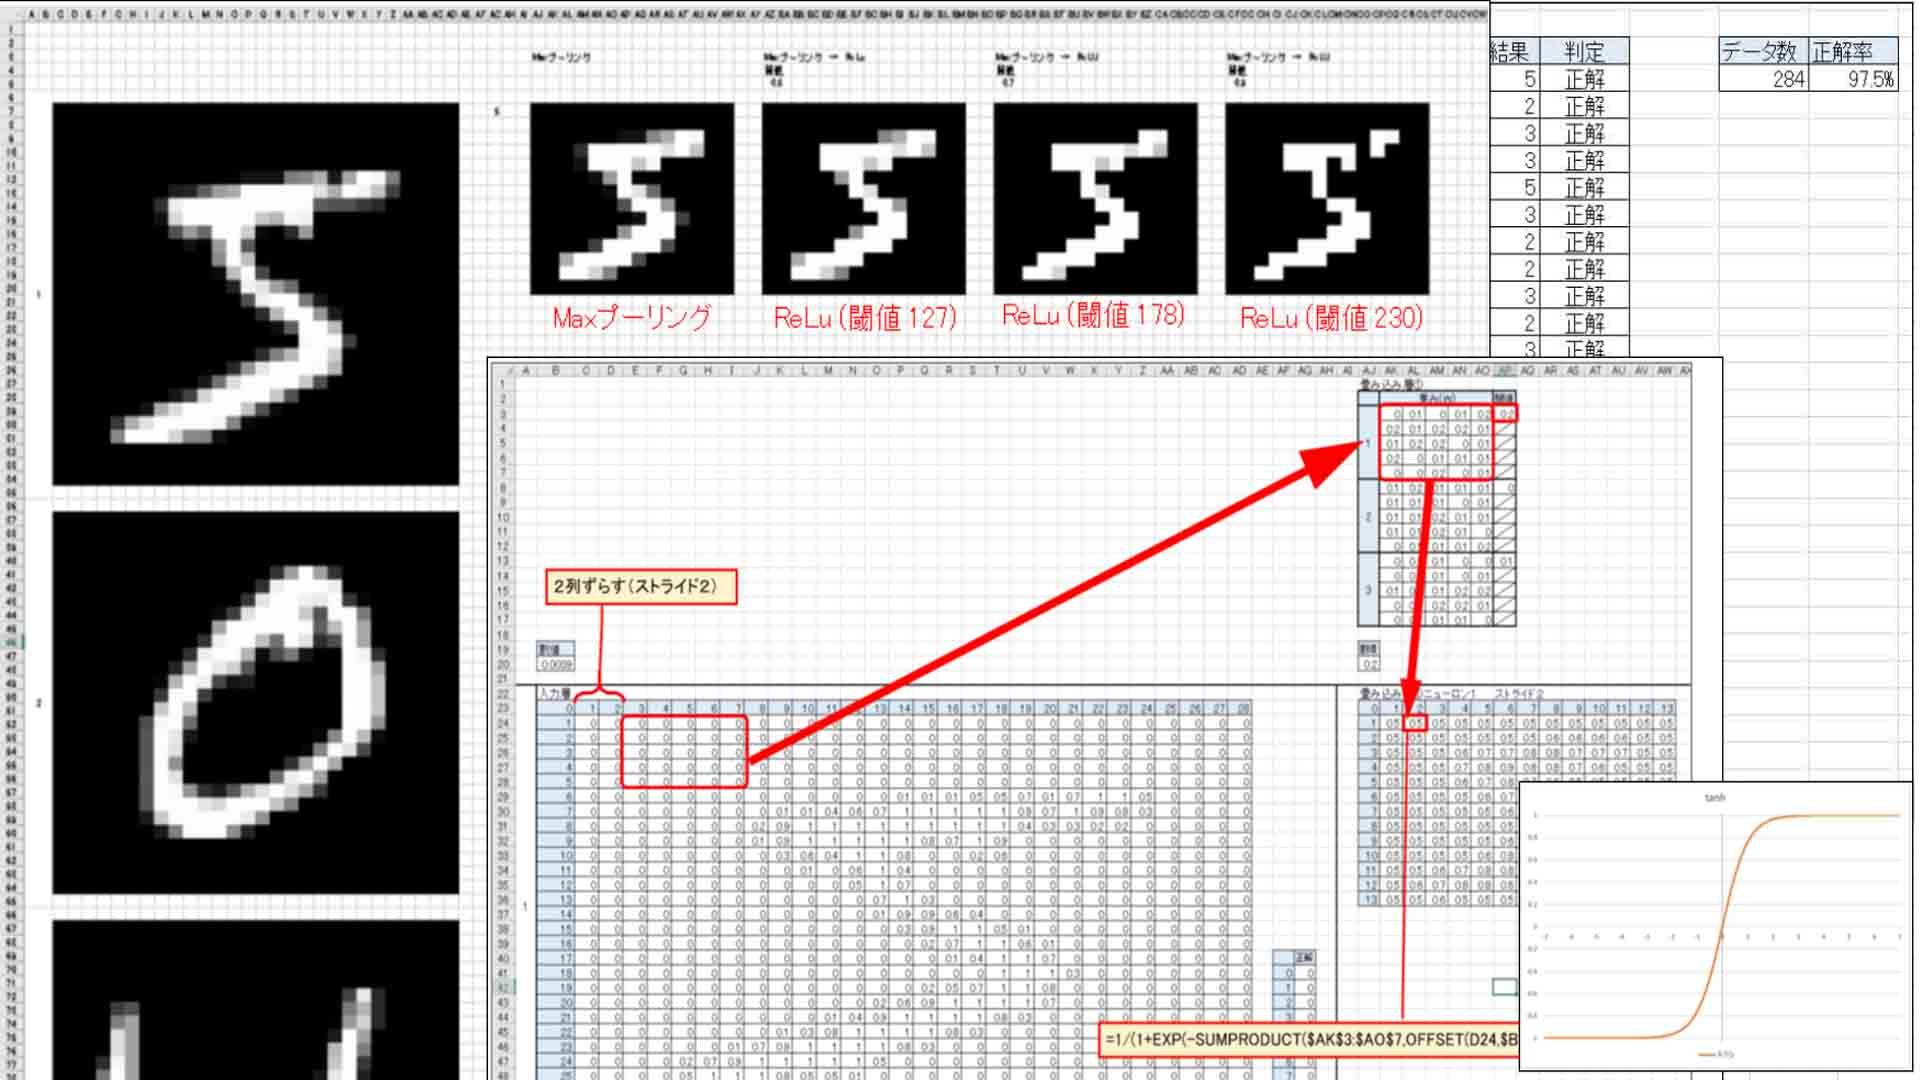 ゼロからディープラーニングを勉強してみる ~Excel編その3。畳み込みニューラルネットワーク~